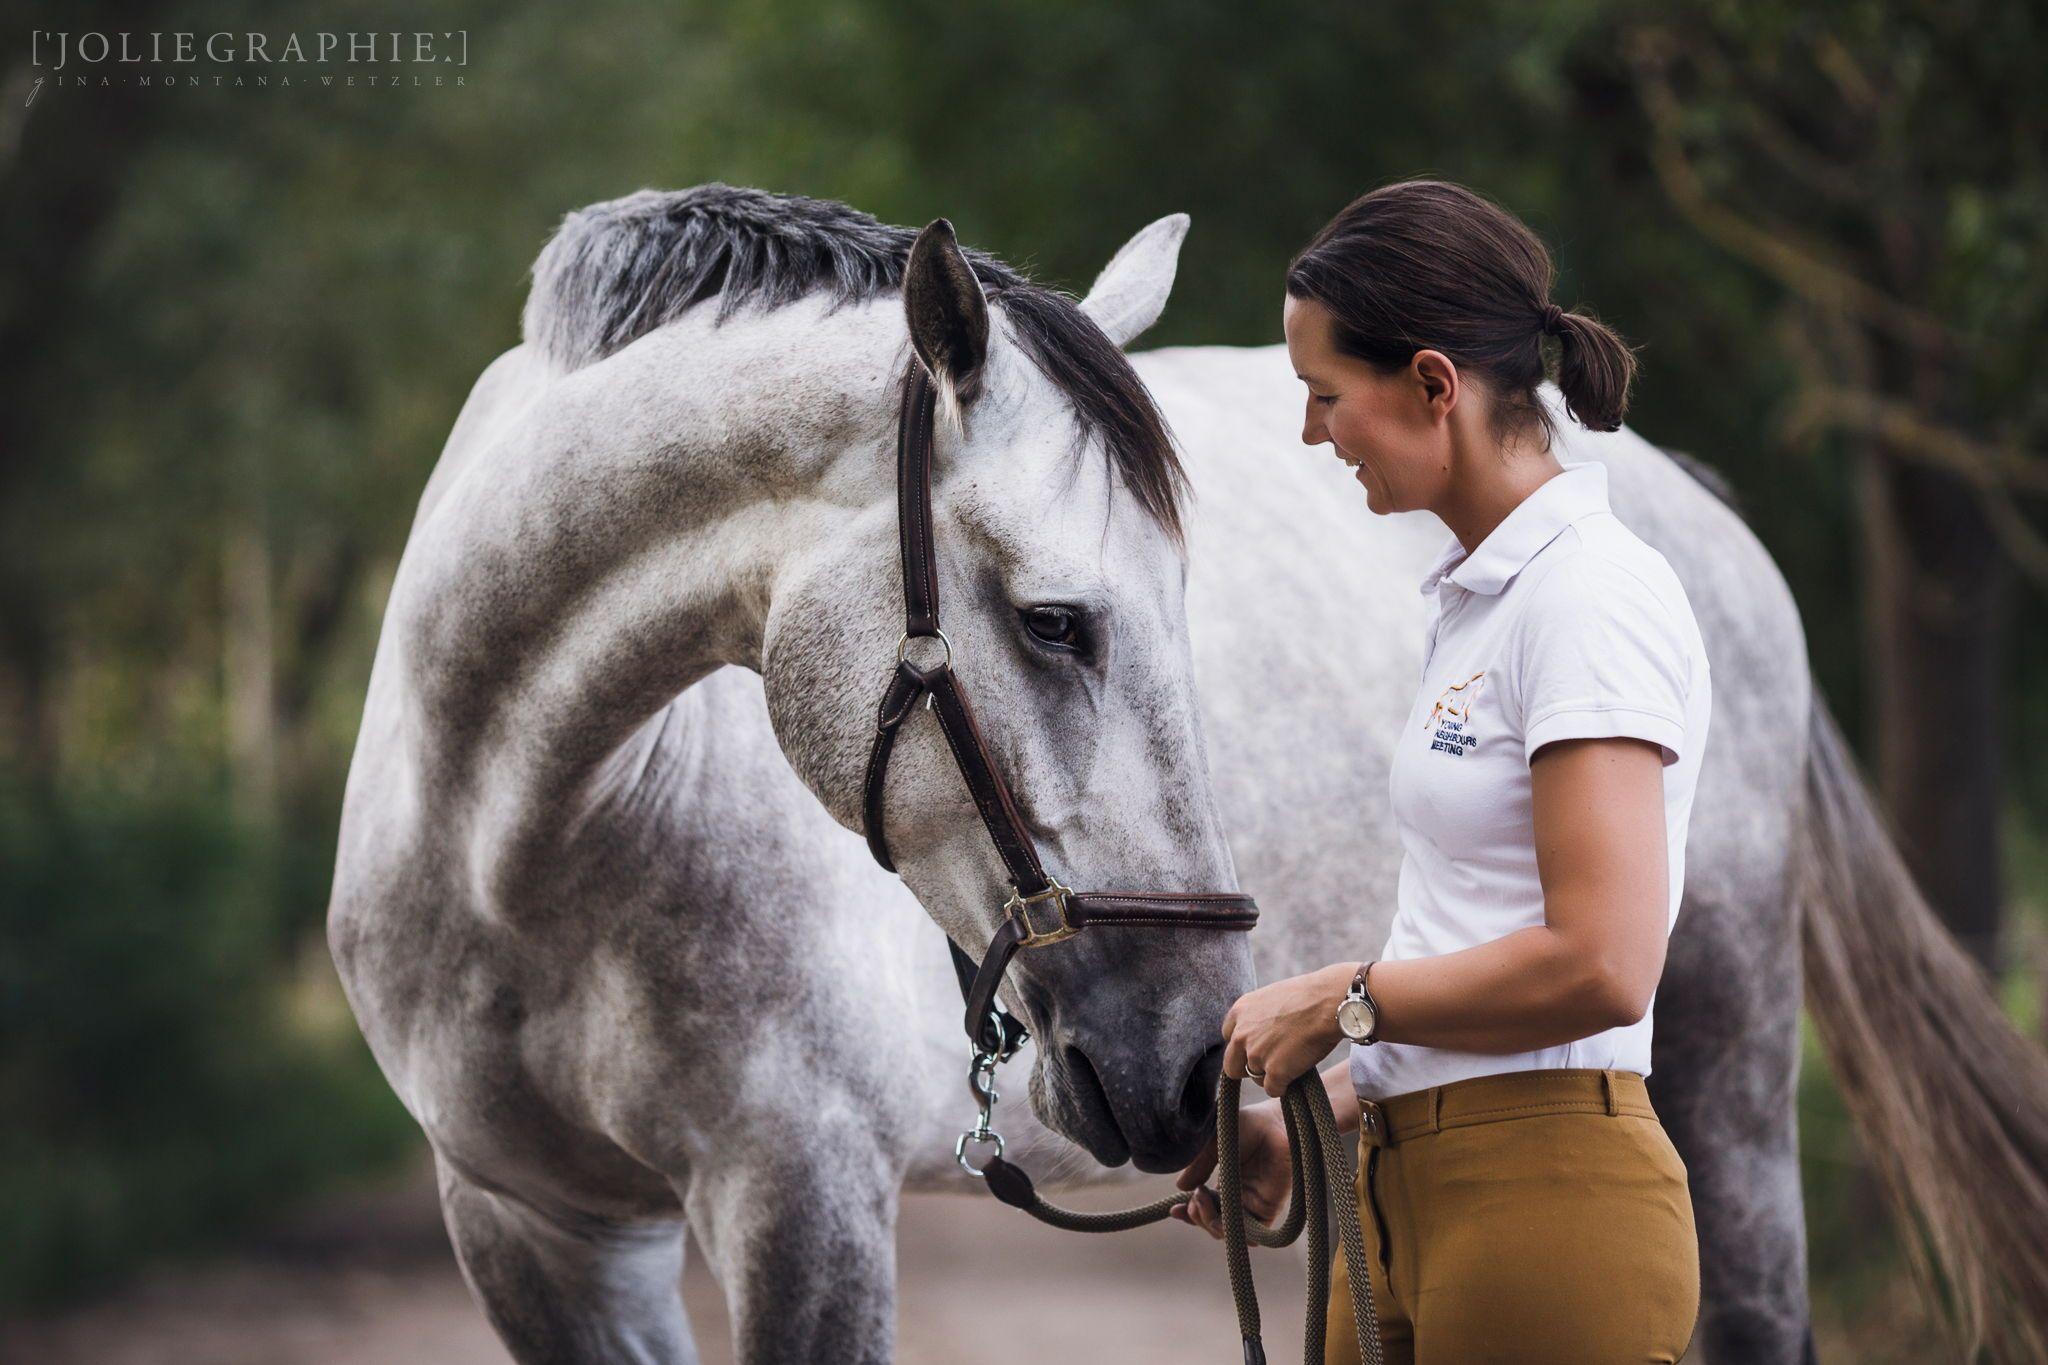 Frau und Pferd schmusend auf einer Allee / Women and horse